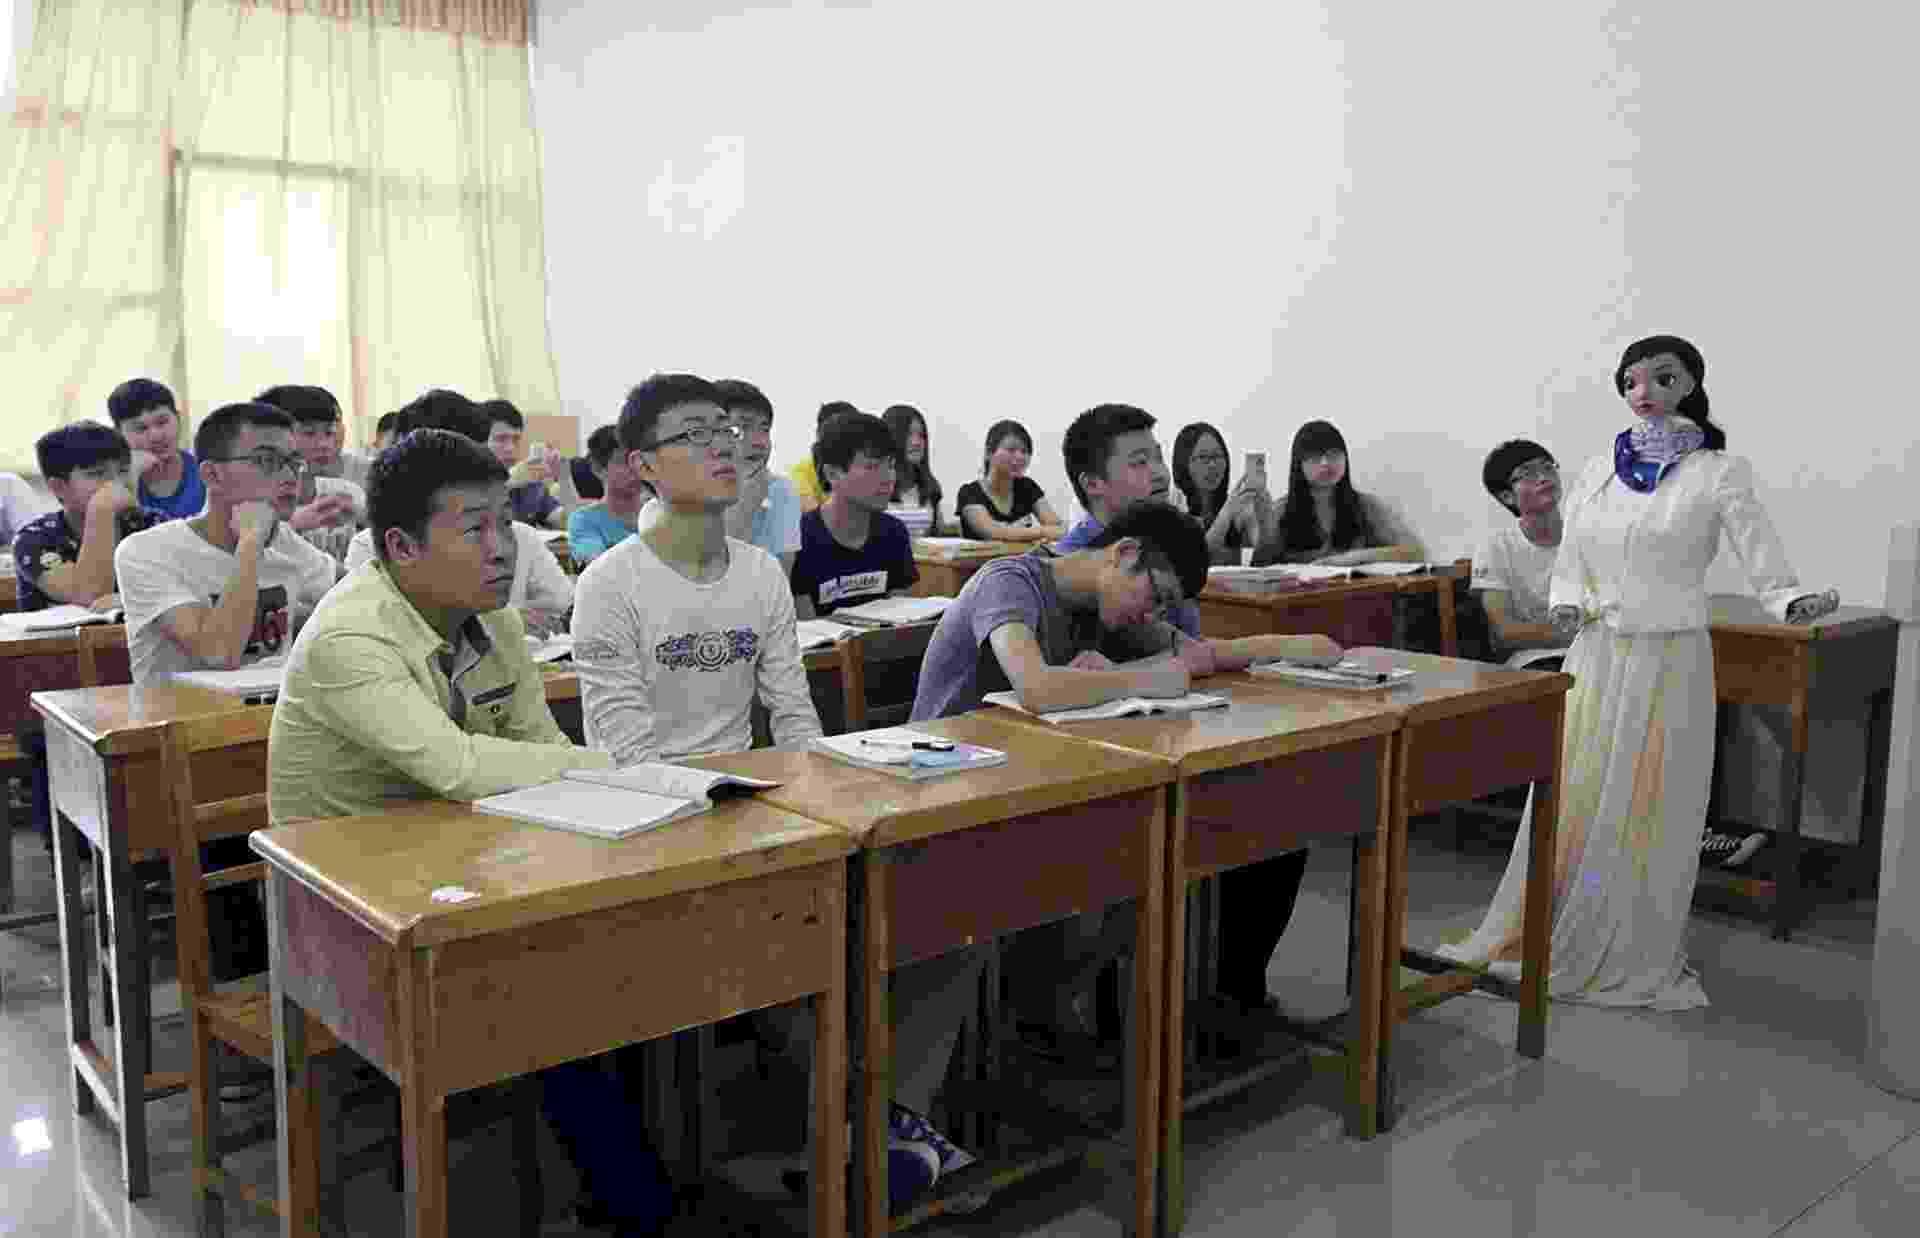 4.jun.2015 -  Universidade chinesa realiza primeira aula ministrada por um robô. Xiaomei, como é chamada a professora-robô, baseou sua primeira aula em Jiujiang em uma apresentação de PowerPoint e, enquanto ensinava a lição, gesticulava com seus braços articulados e se deslocava pela sala de aula - China Daily/ Reuters